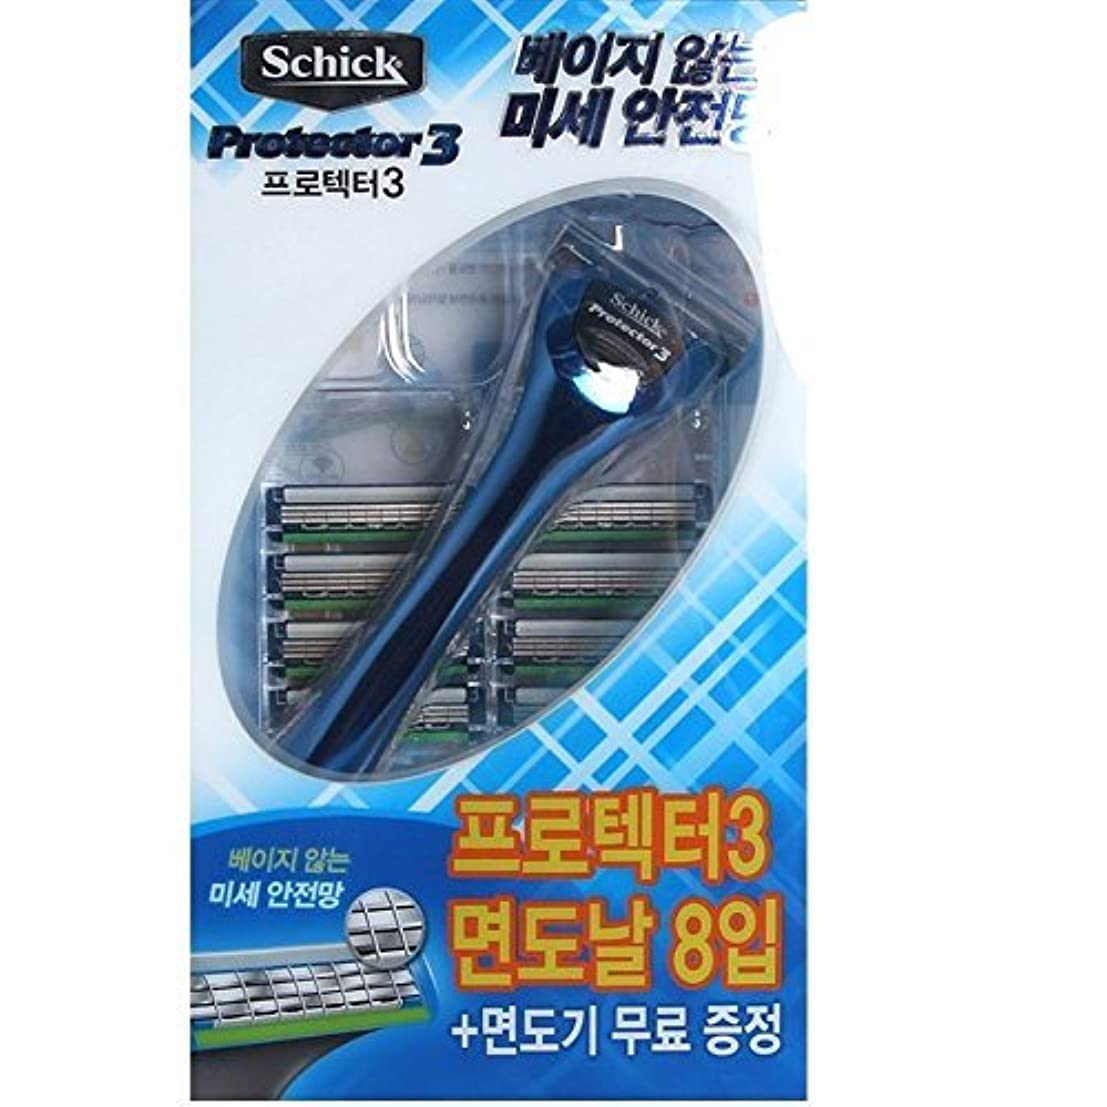 代替案ドア性別Schick Protector3 1 Razor + 8 カートリッジリフィルブレイド [並行輸入品]